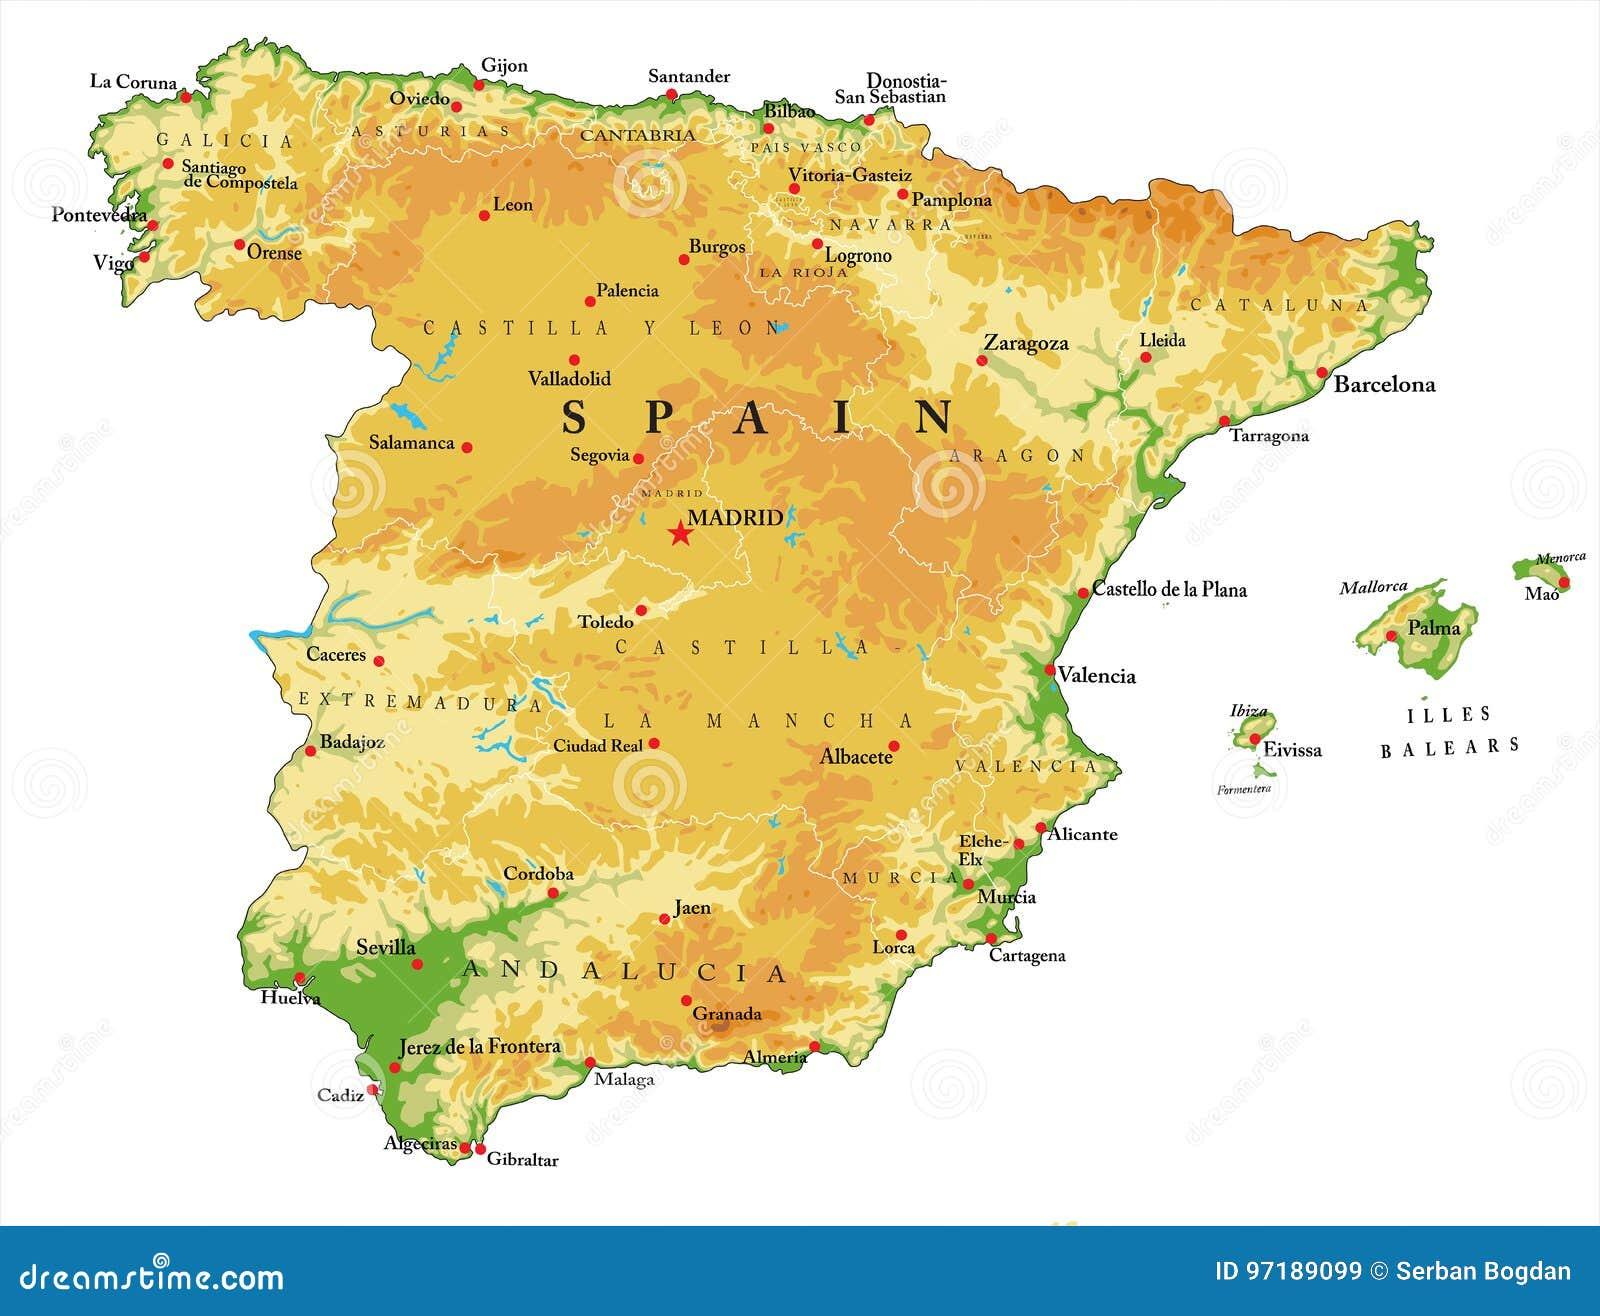 Spanien Regionen Karte.Spanien Reliefkarte Vektor Abbildung Illustration Von Spanien